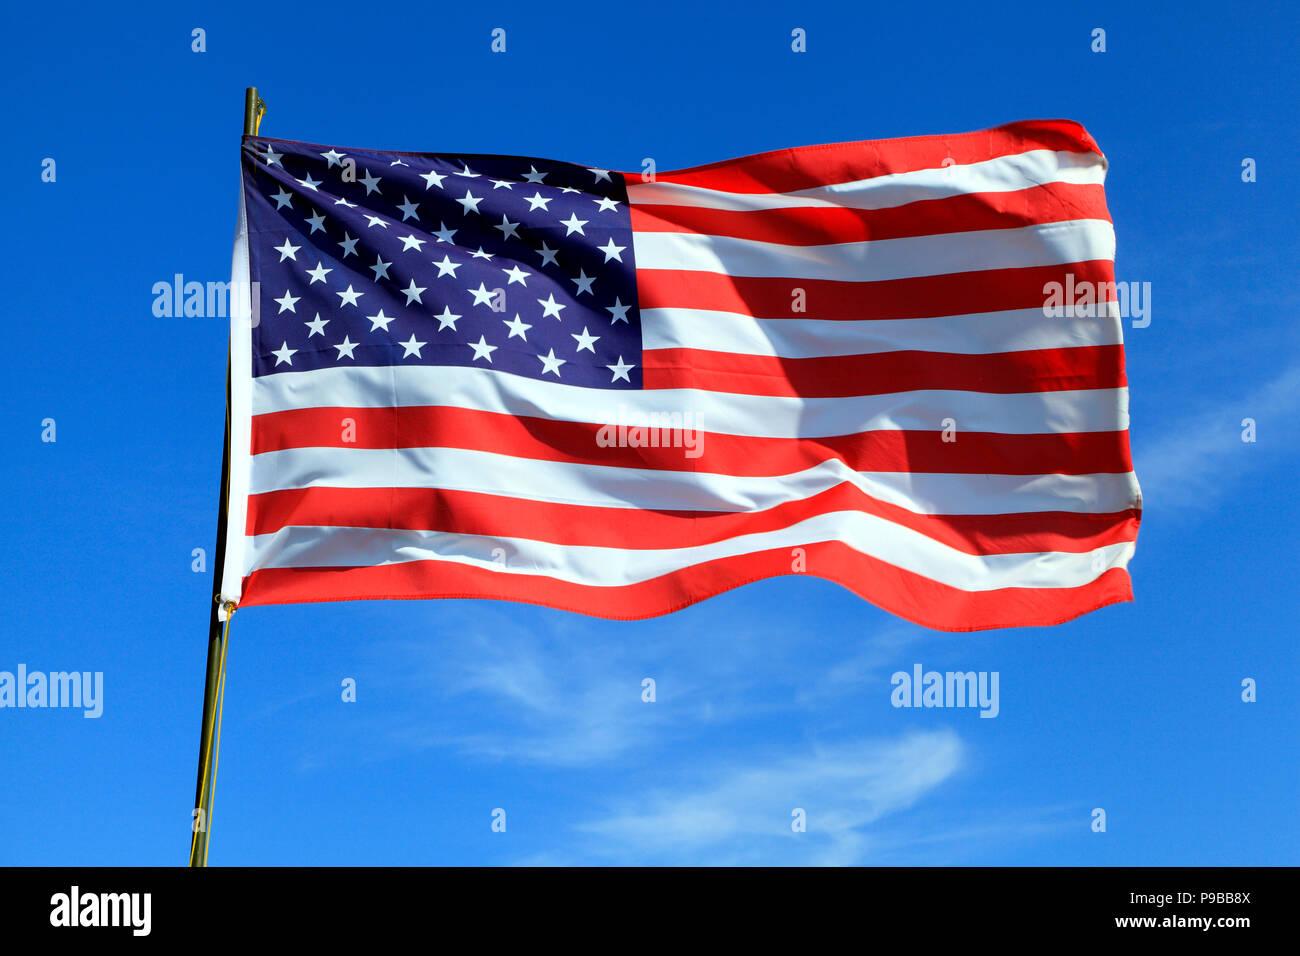 USA Flag, Stars and Stripes, Flag, American - Stock Image